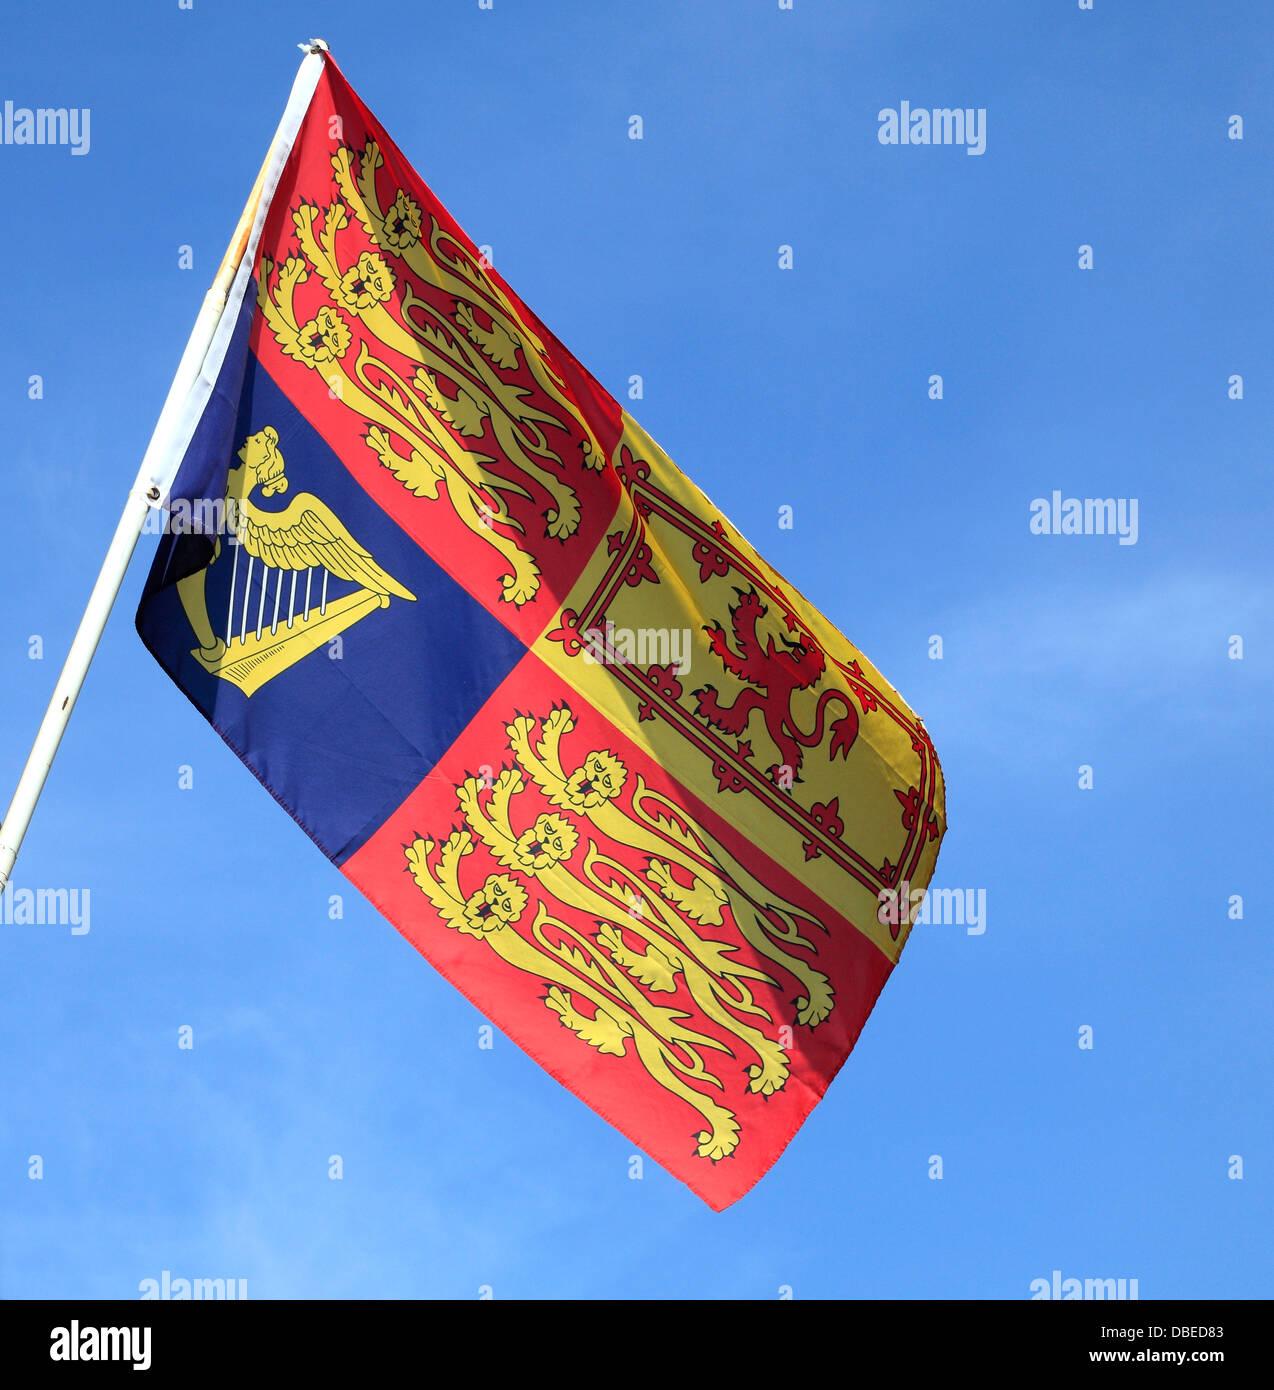 Royal Standard, Flag, England UK flags - Stock Image